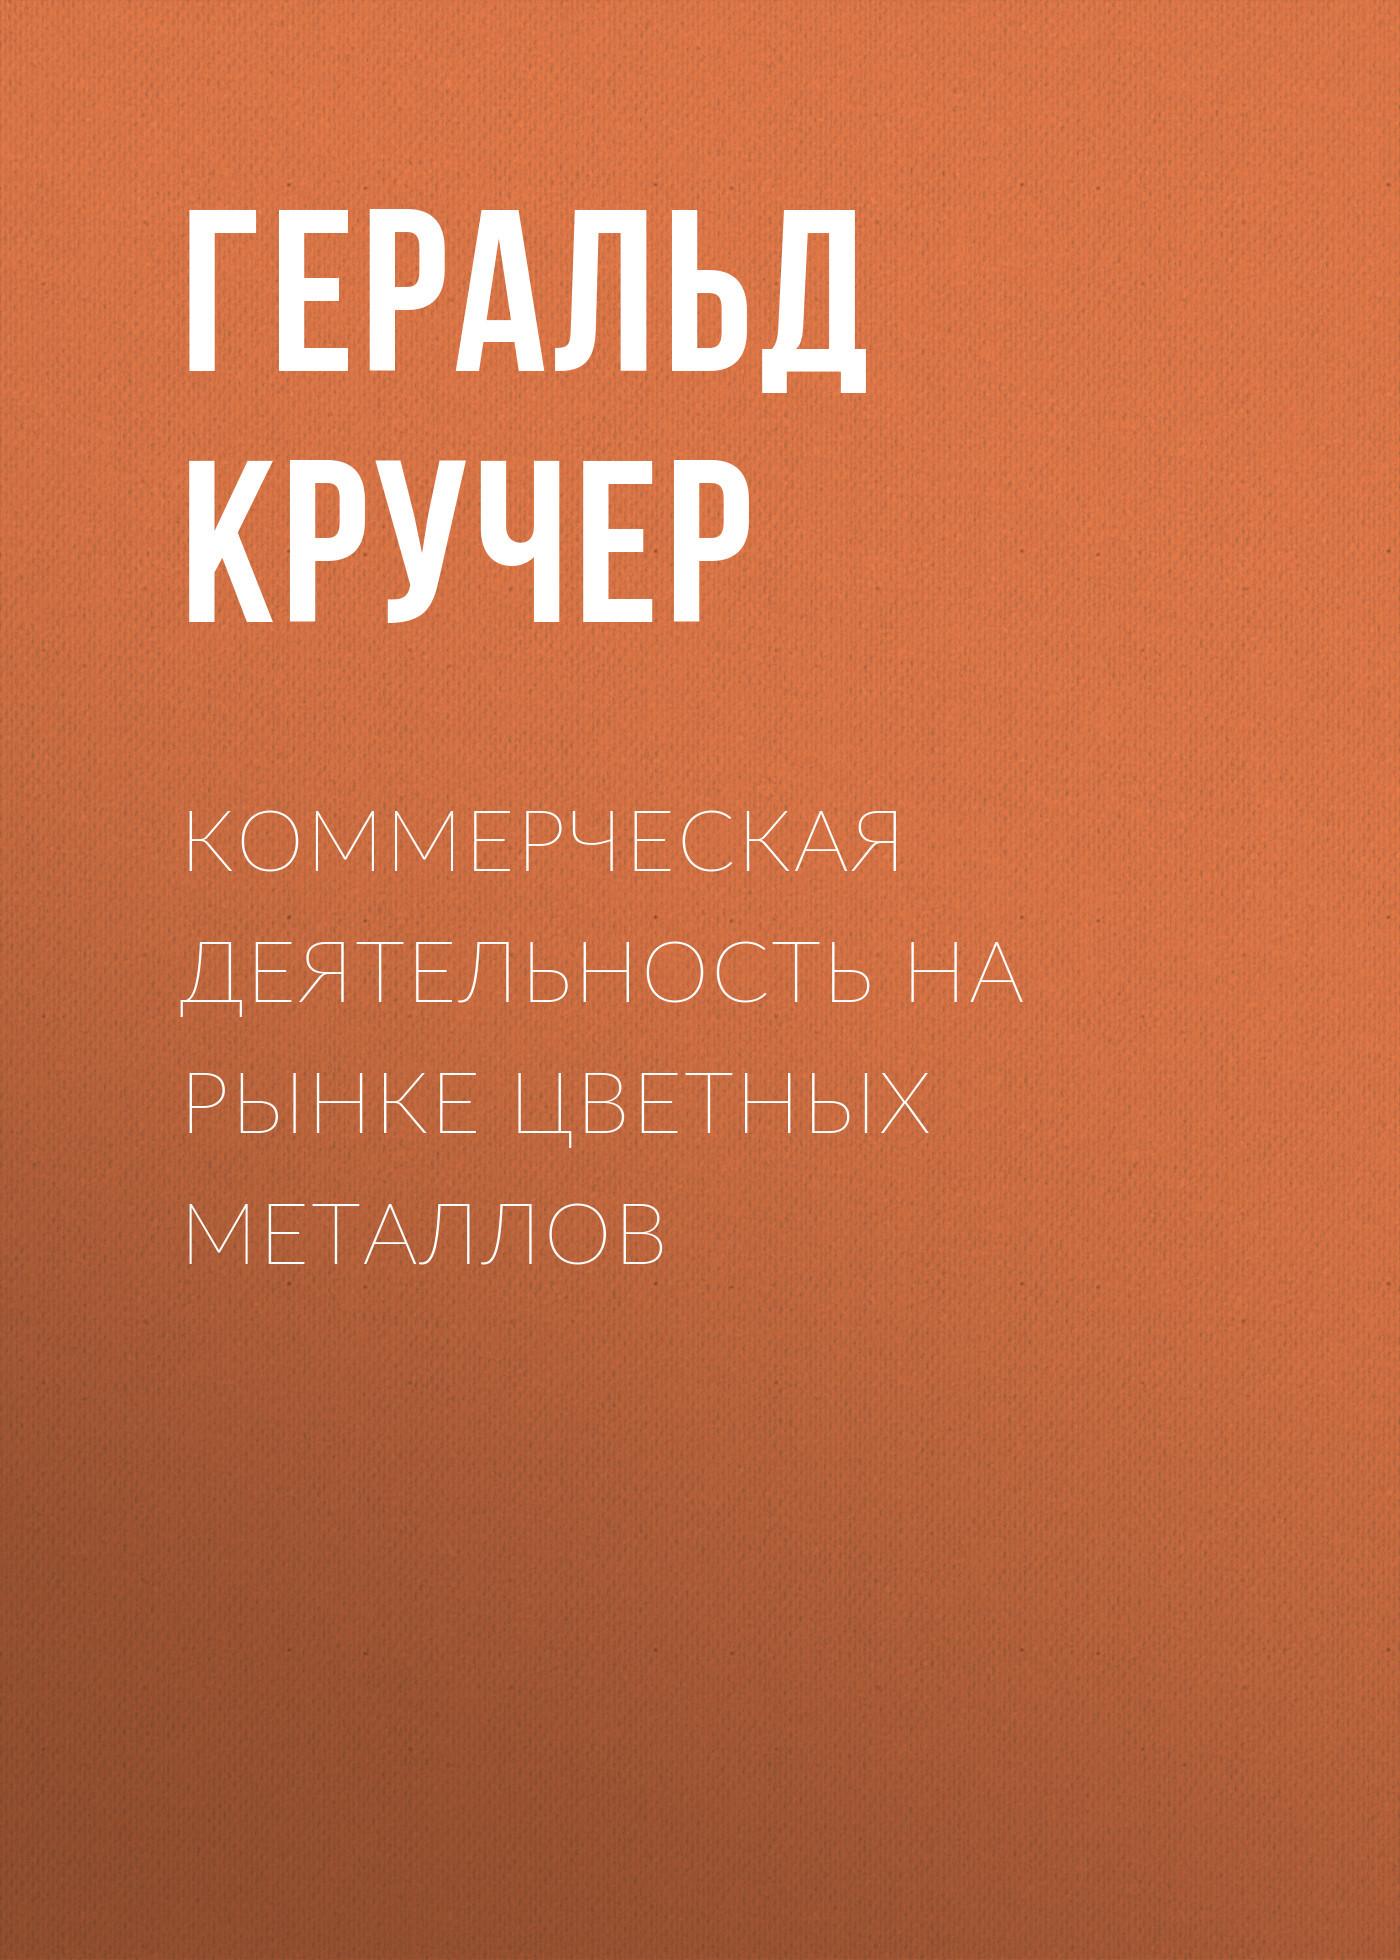 Геральд Кручер бесплатно